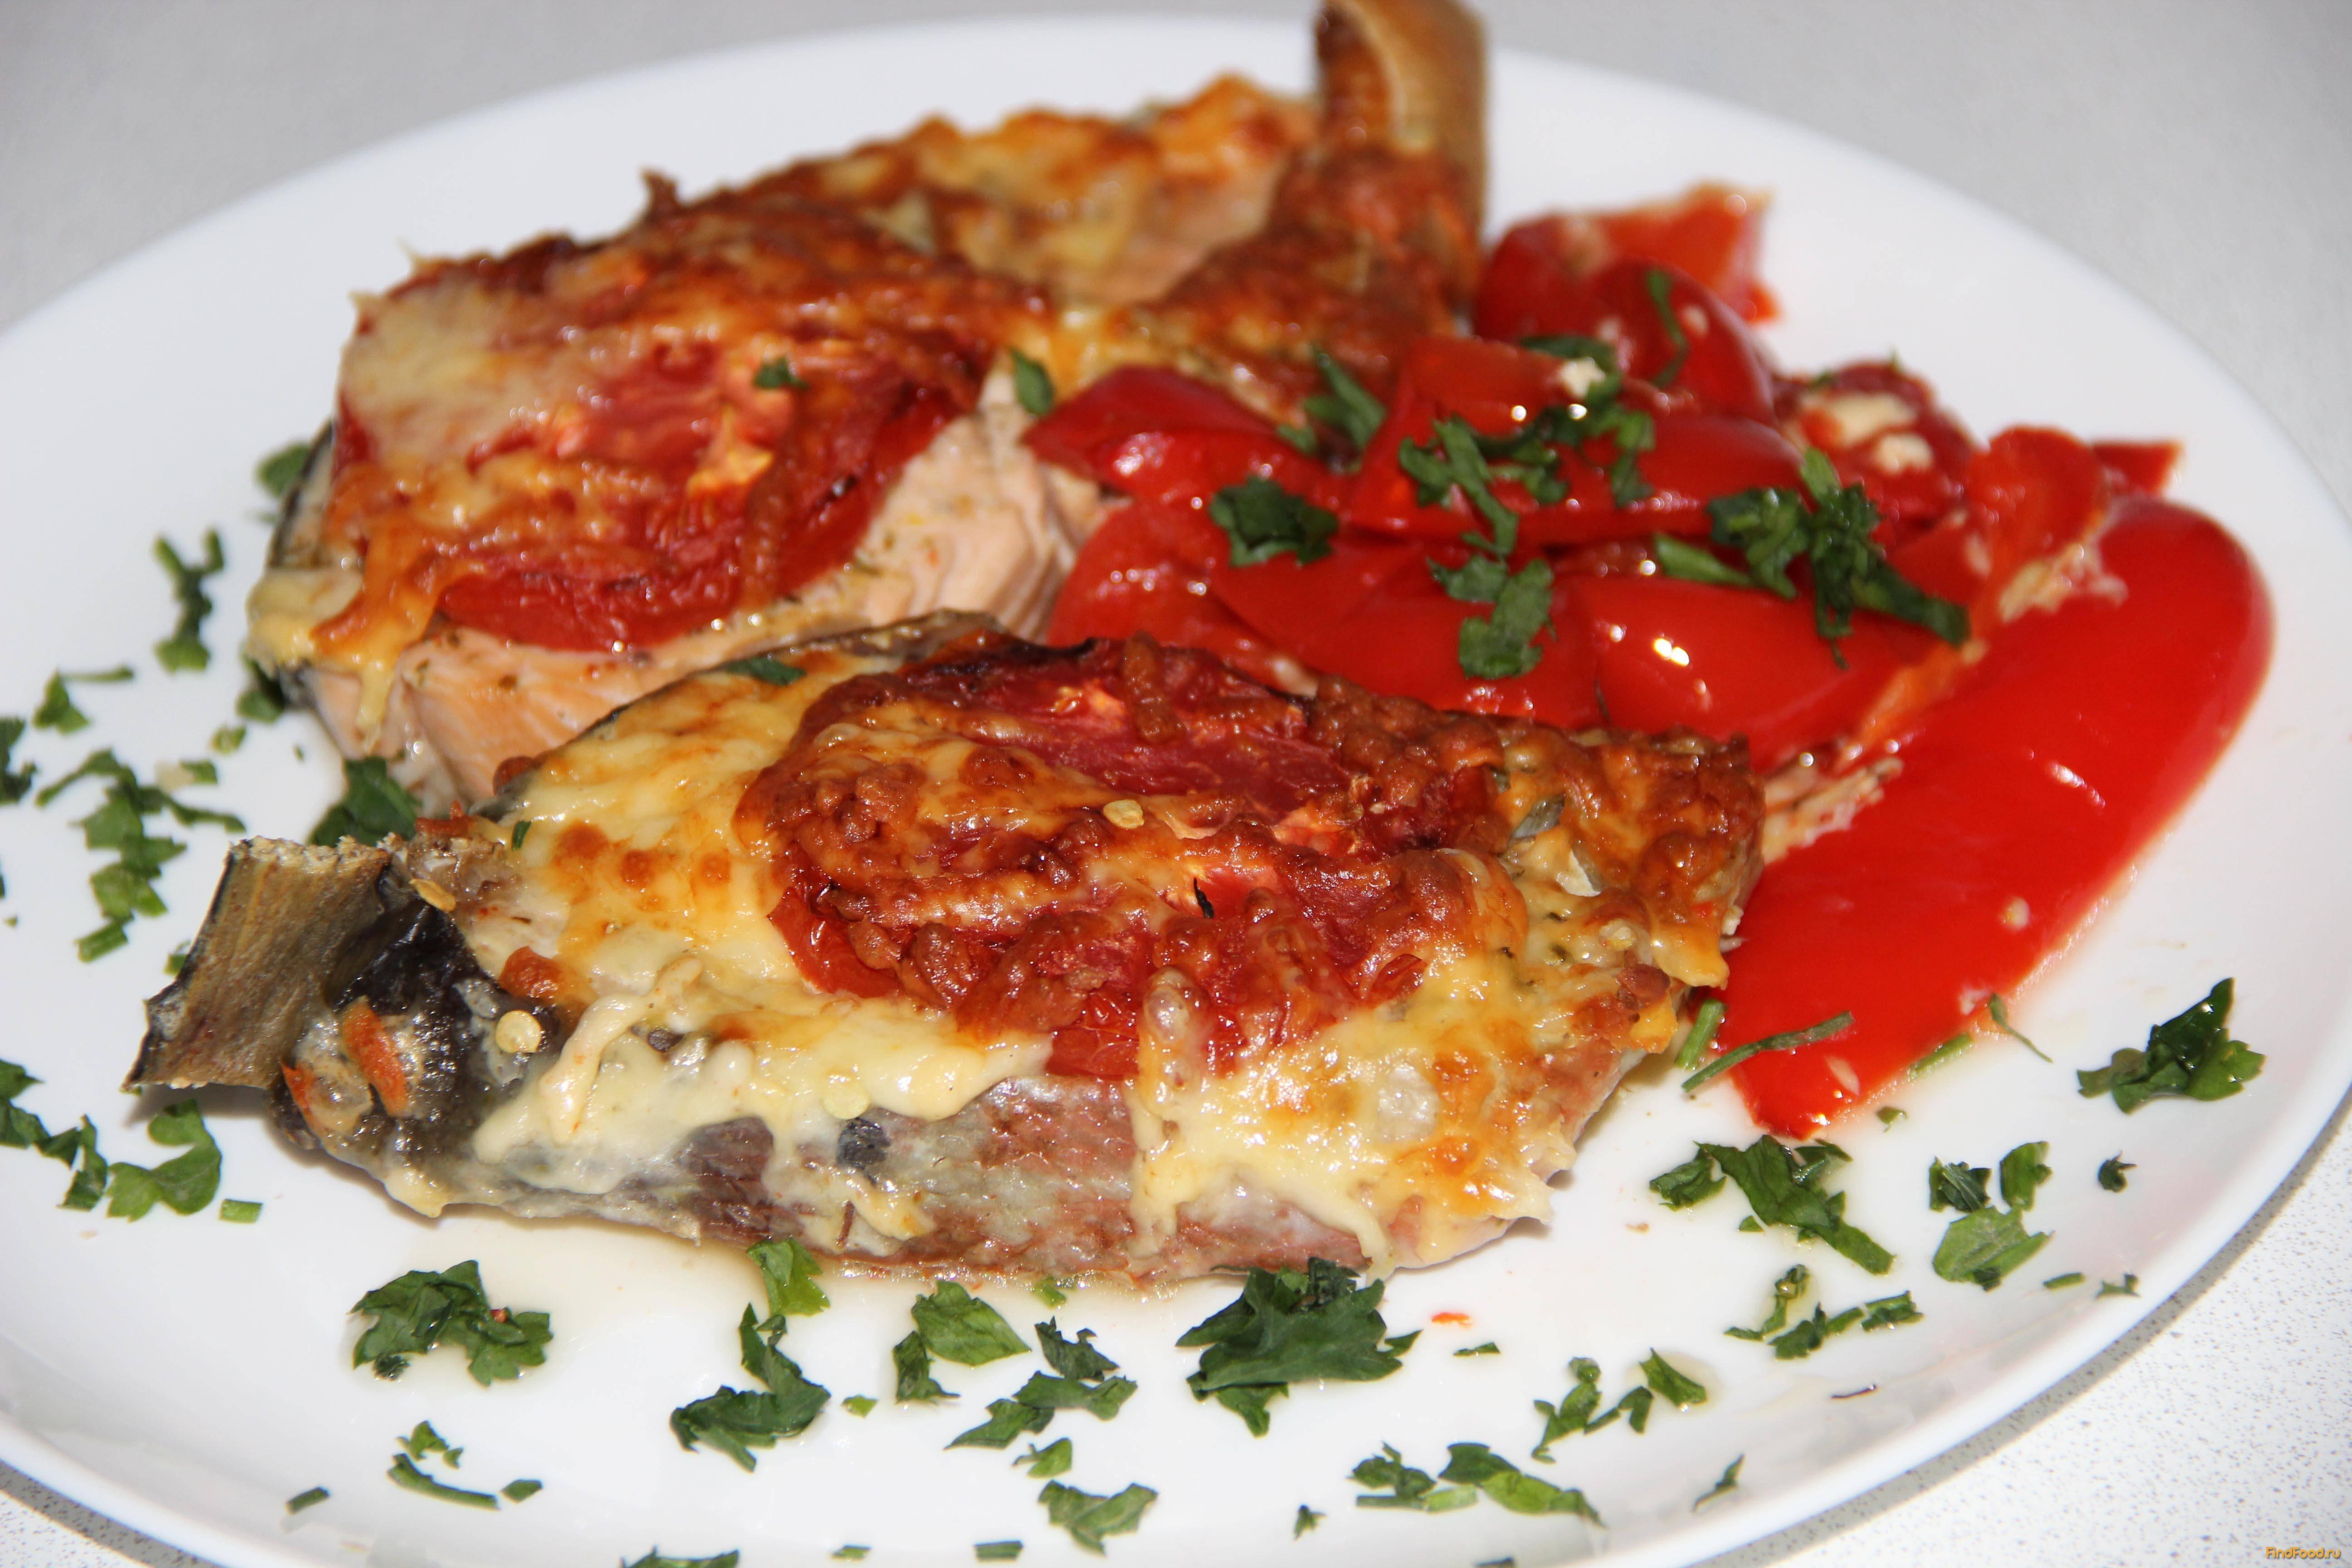 Рыба запечённая в духовке с овощами и сыром. п/о, видео.